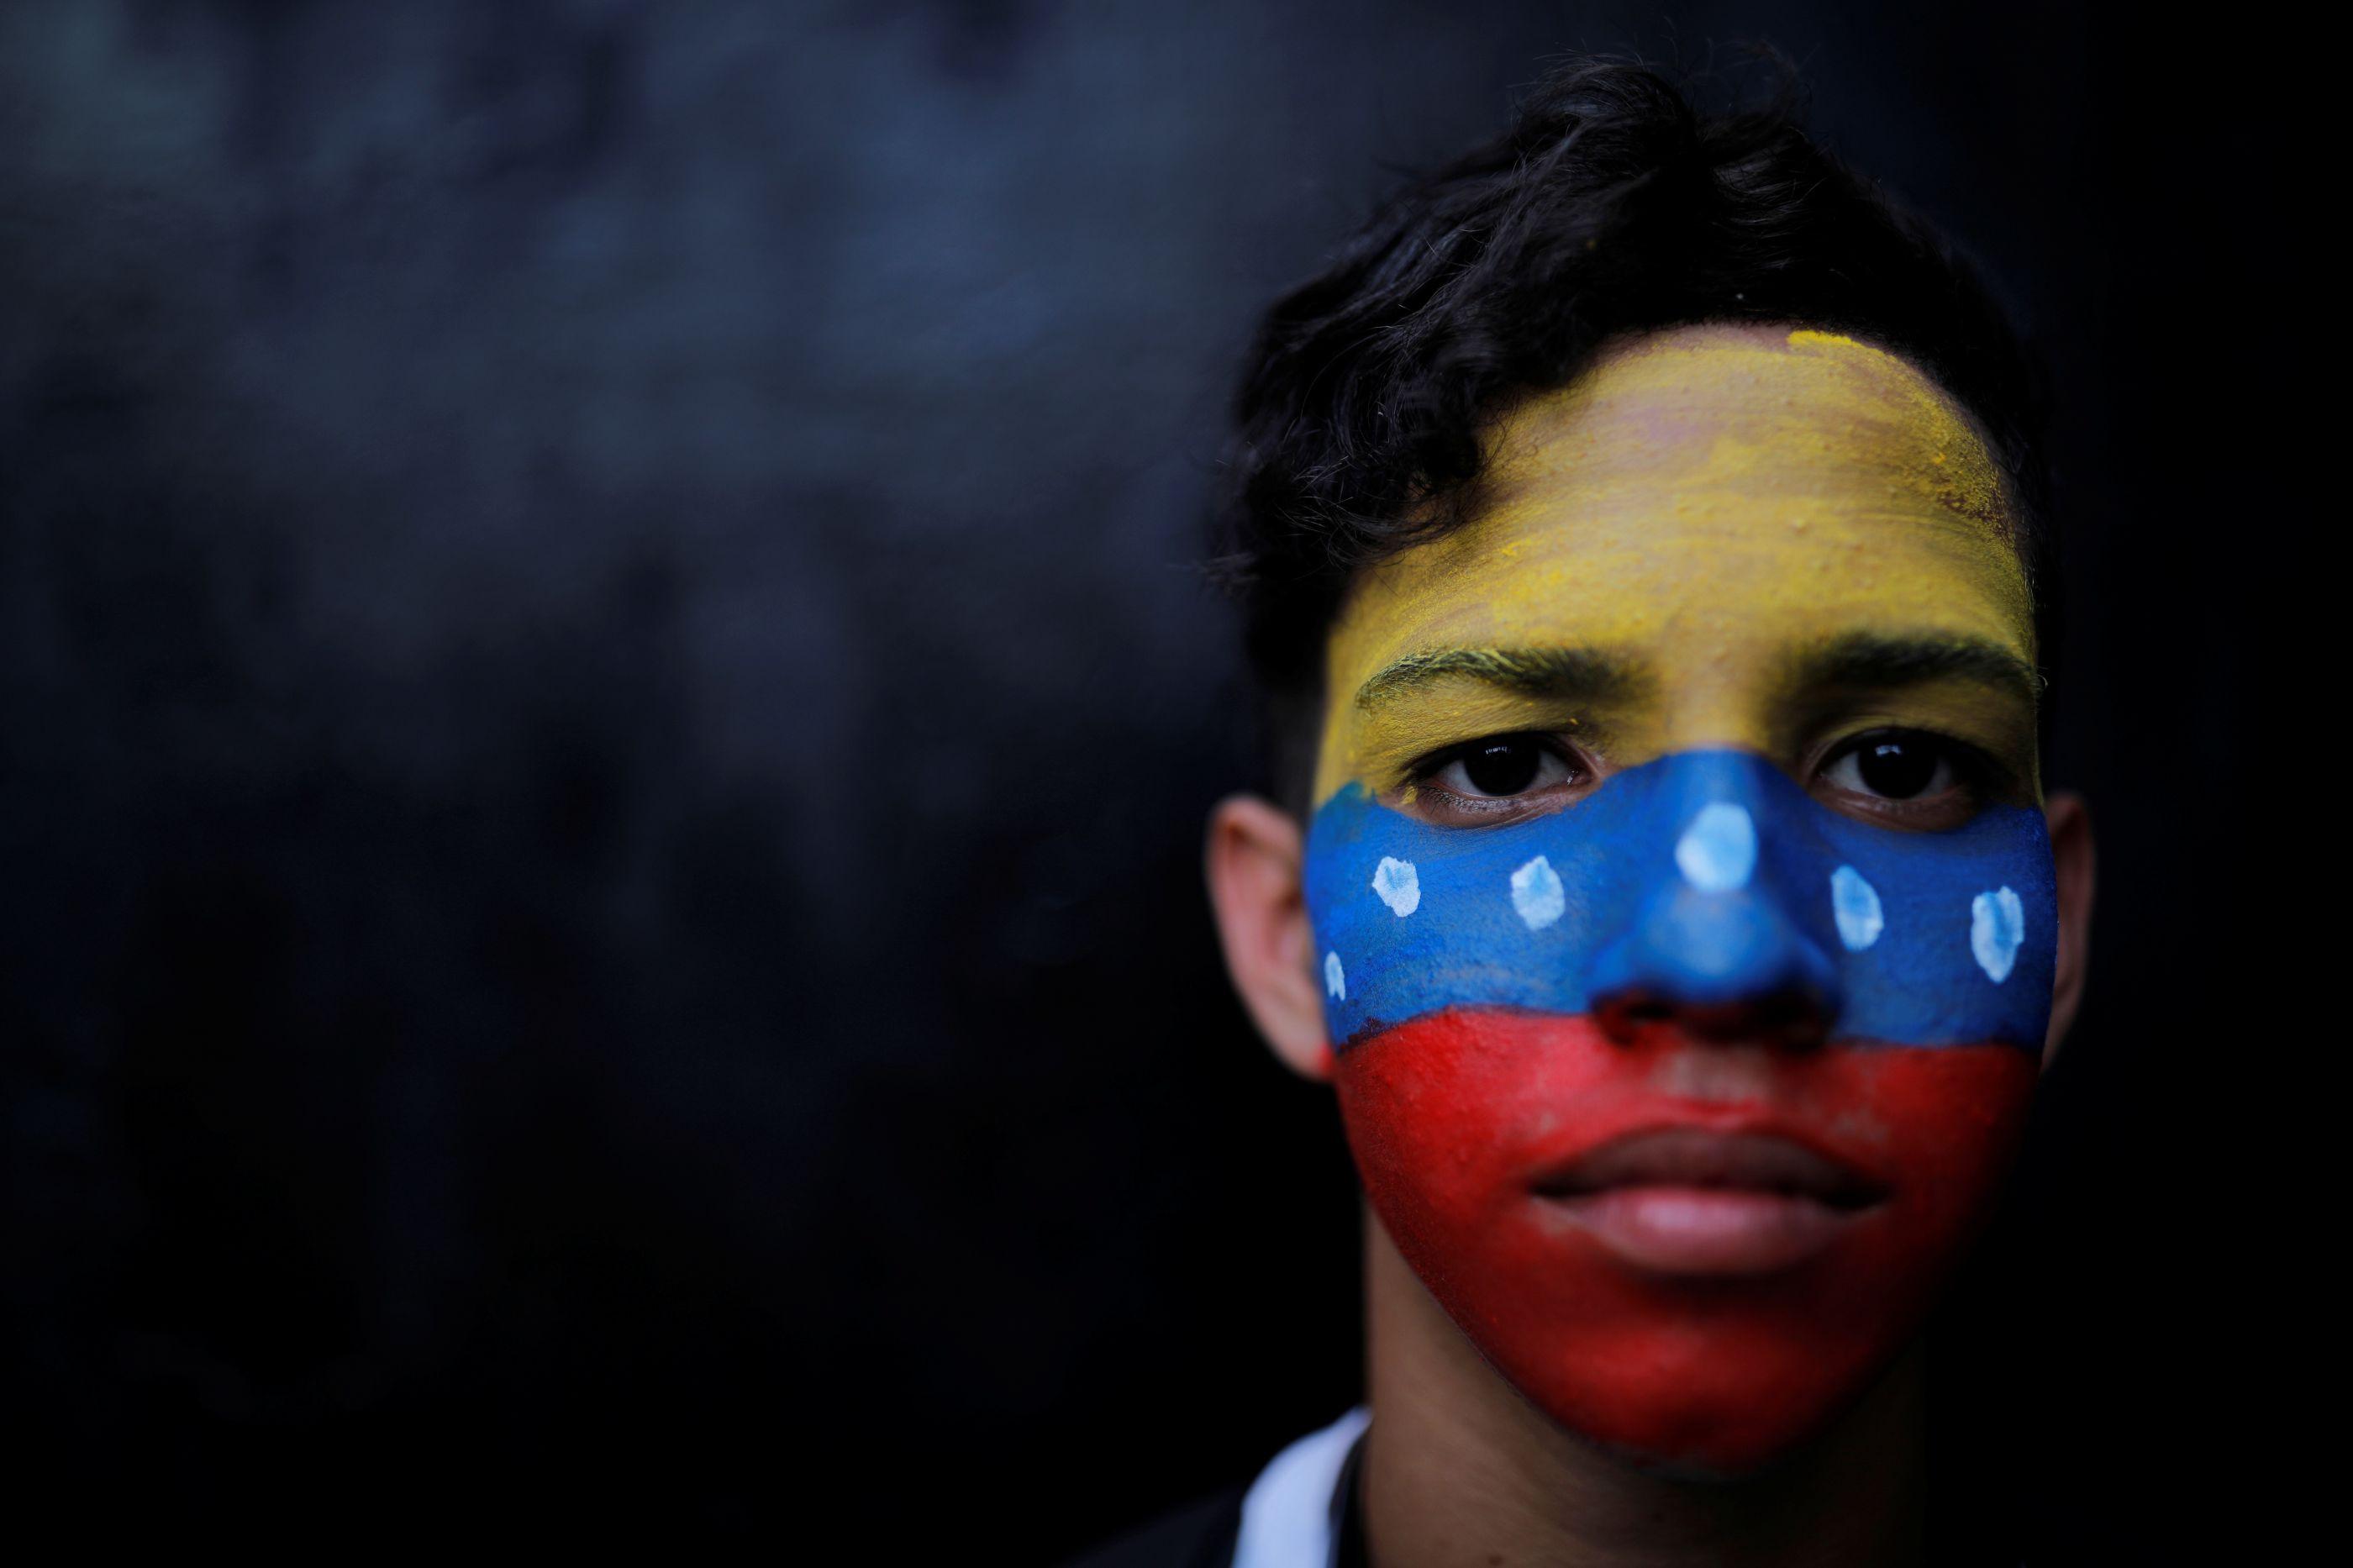 O povo saiu à rua e pediu uma solução. Que futuro para a Venezuela?